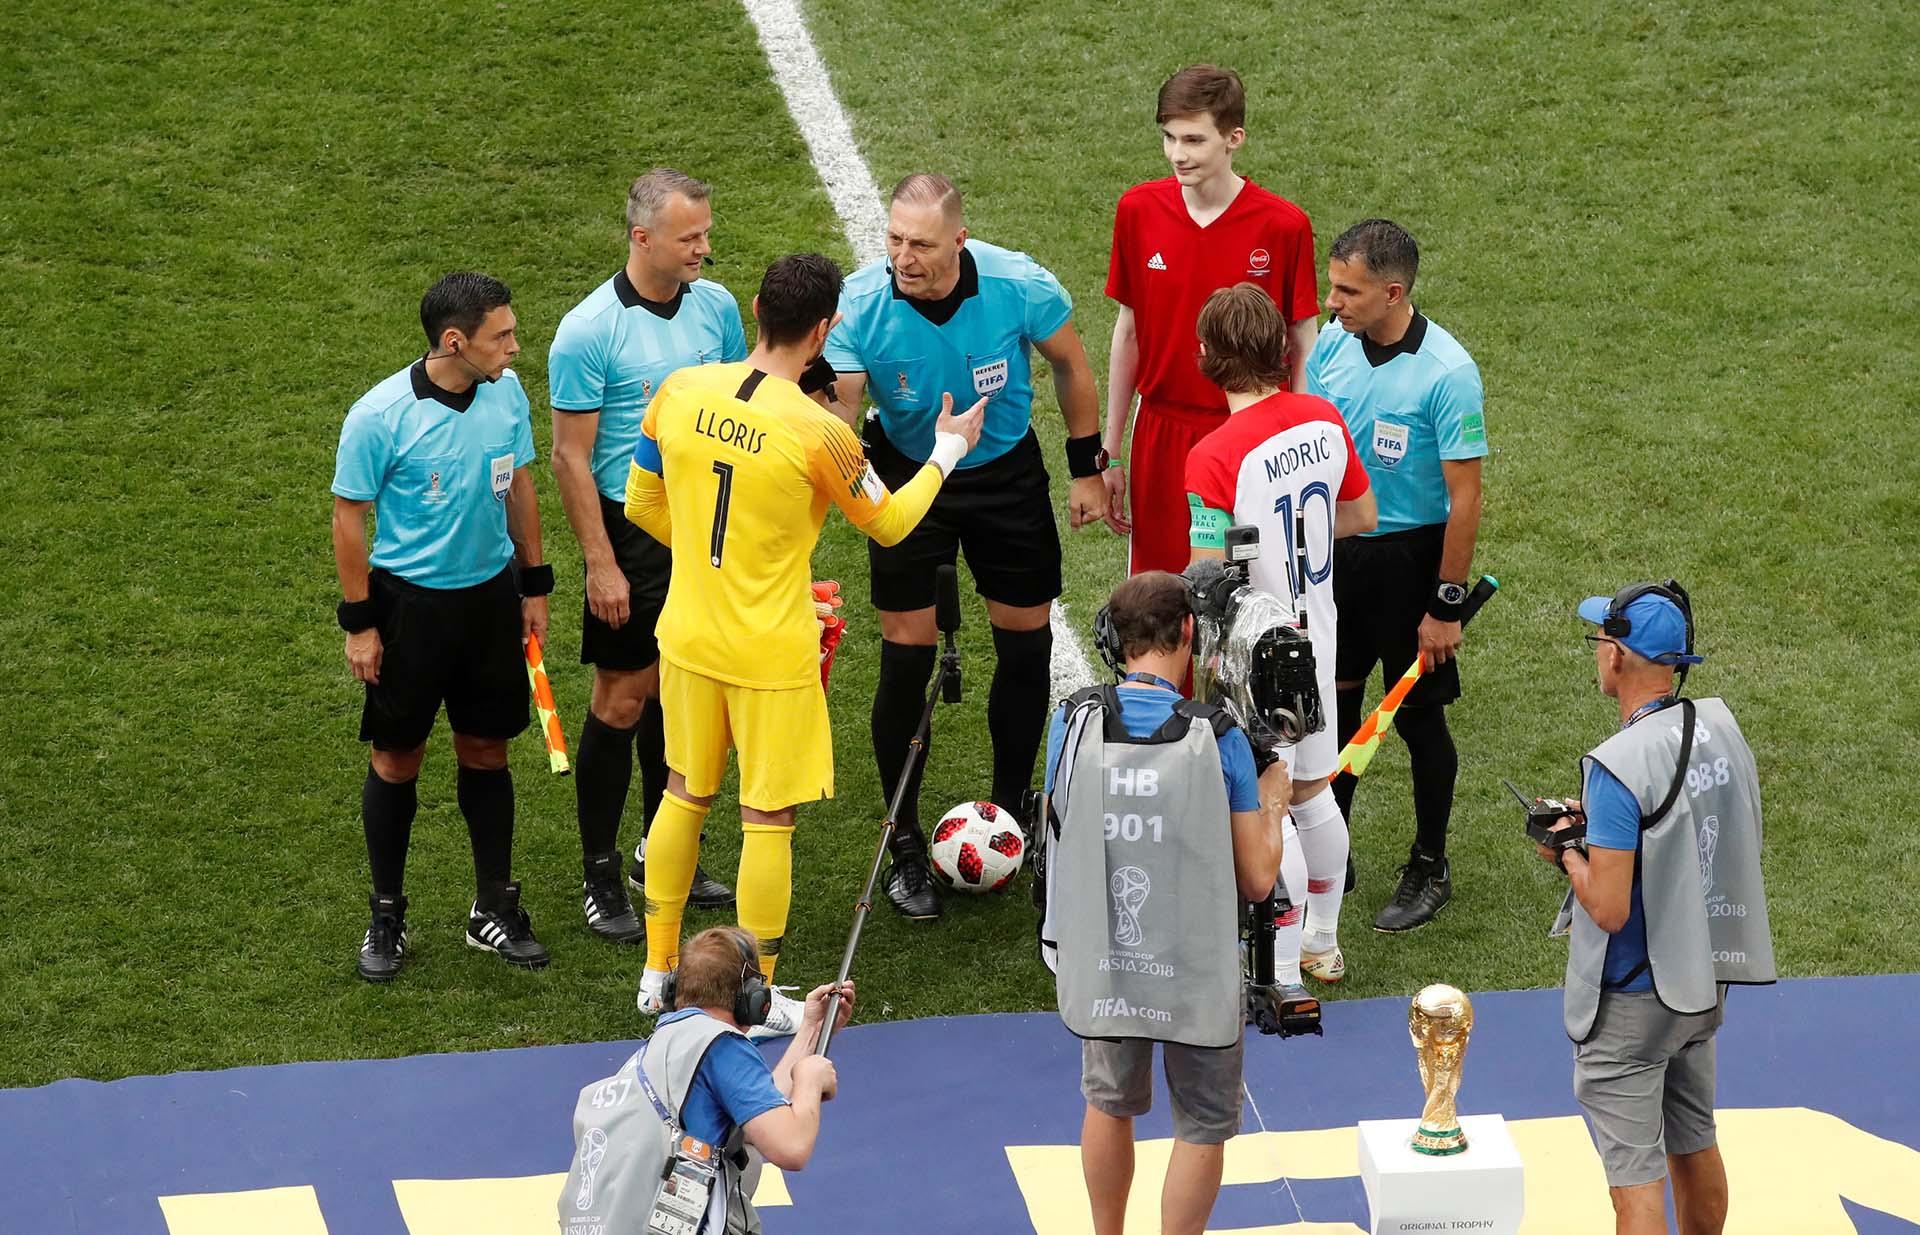 Junto a Néstor Pitana y Juan Pablo Belatti en el sorteo de capitanes de la última final del mundo entre Francia y Croacia (REUTERS/Christian Hartmann)